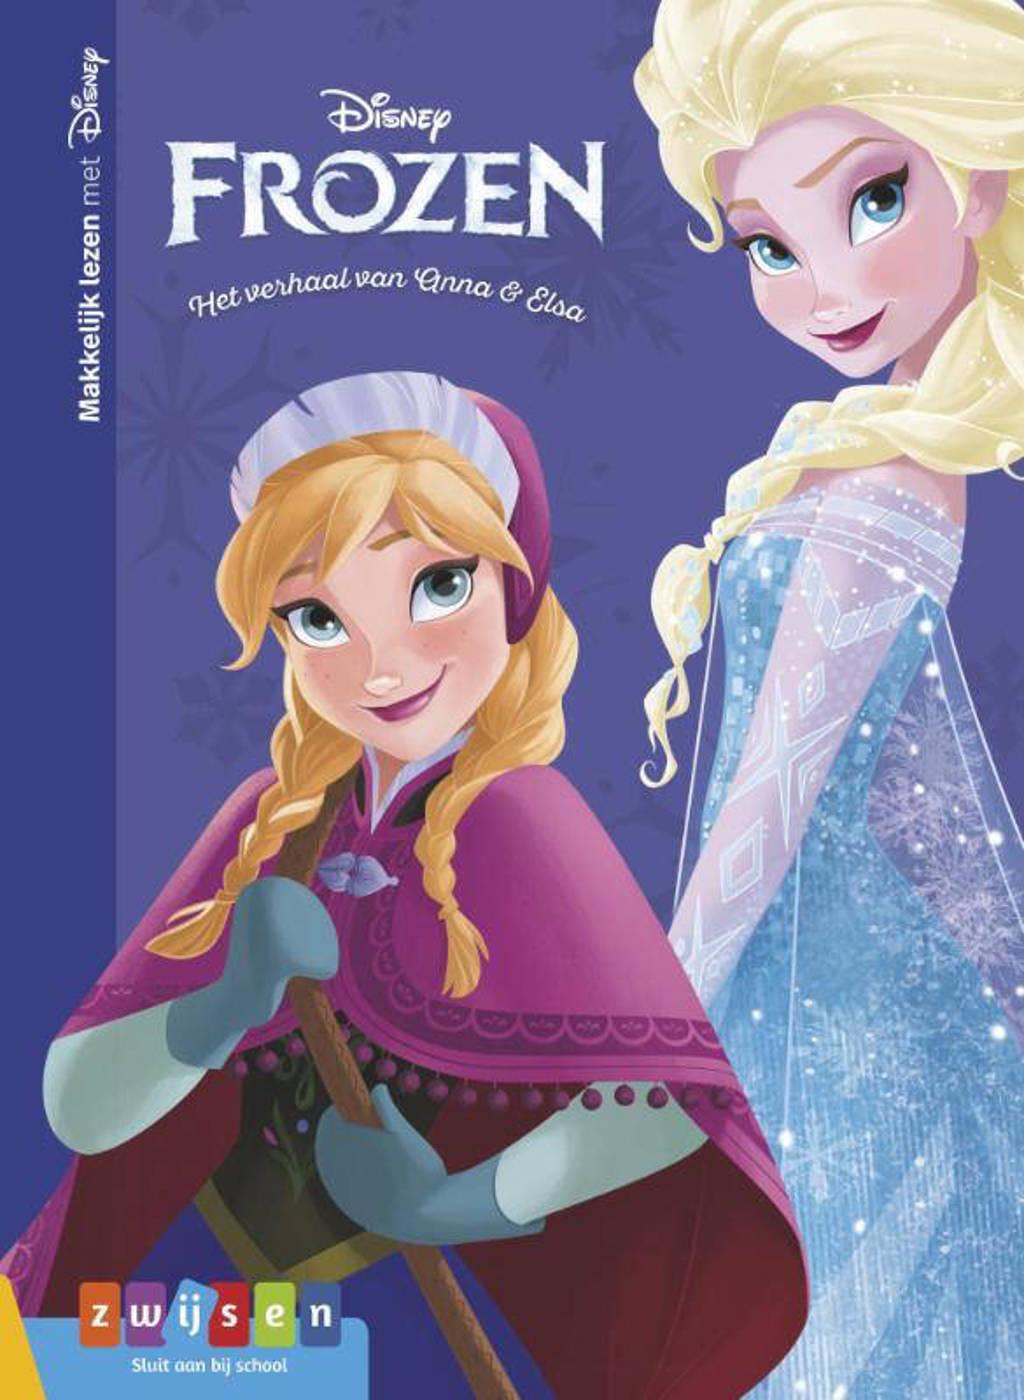 Makkelijk lezen met Disney: Frozen Het verhaal van Anna en Elsa